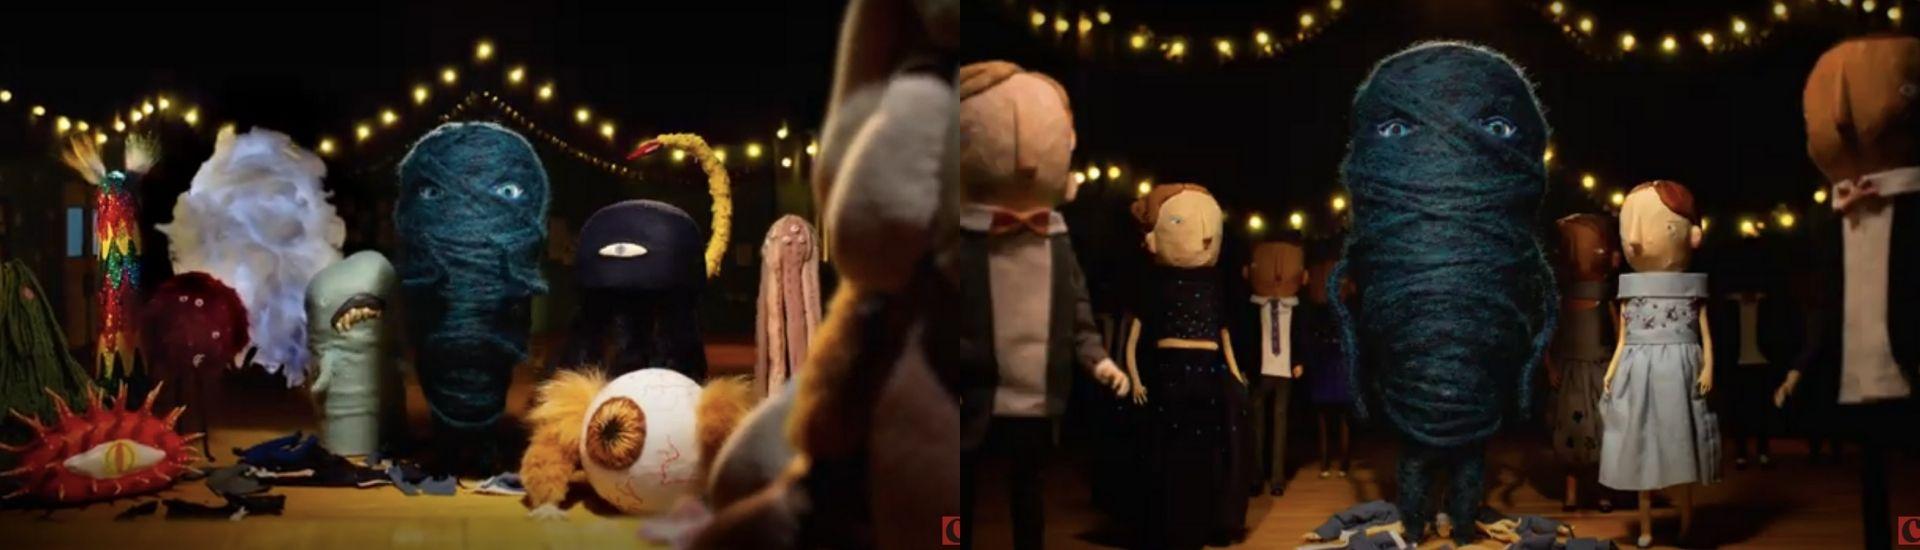 Fotograma de Nobody is normal, en el que aparece el protagonista cuando recién se saca el traje de humano y se muestra como un ovillo de lana azul